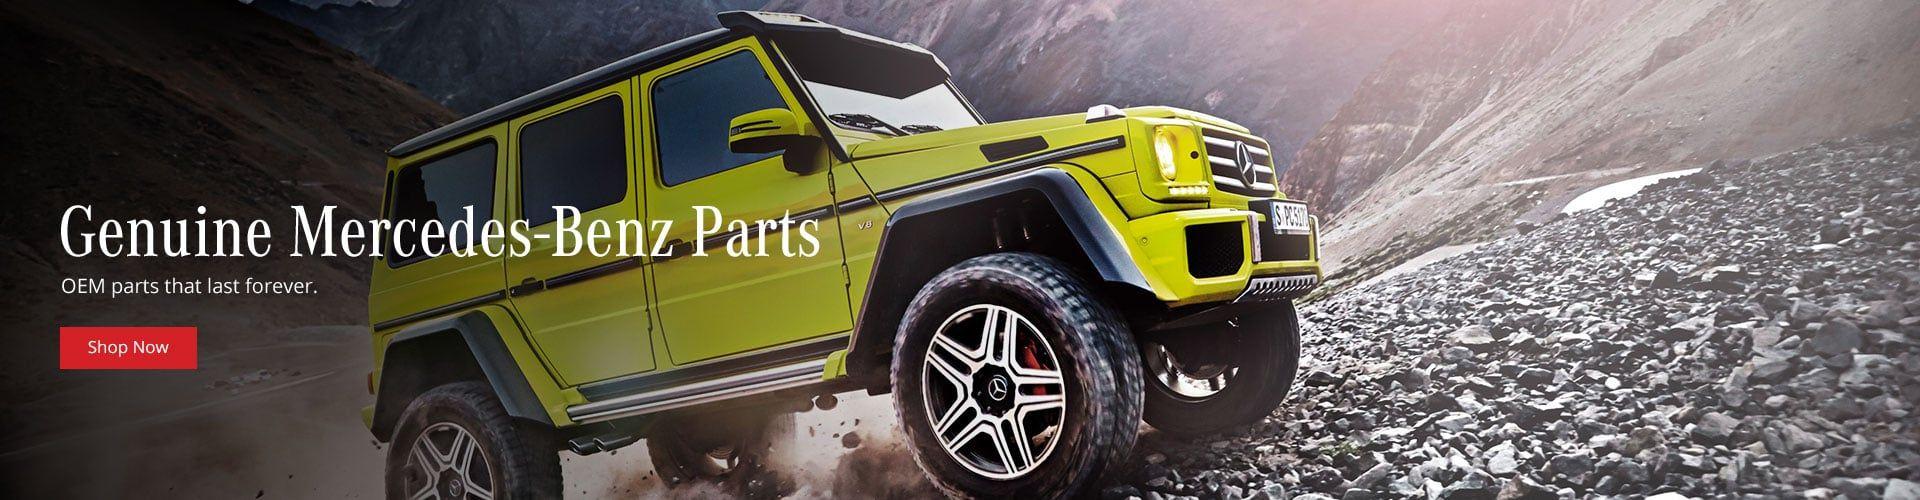 OEM Mercedes Benz Parts